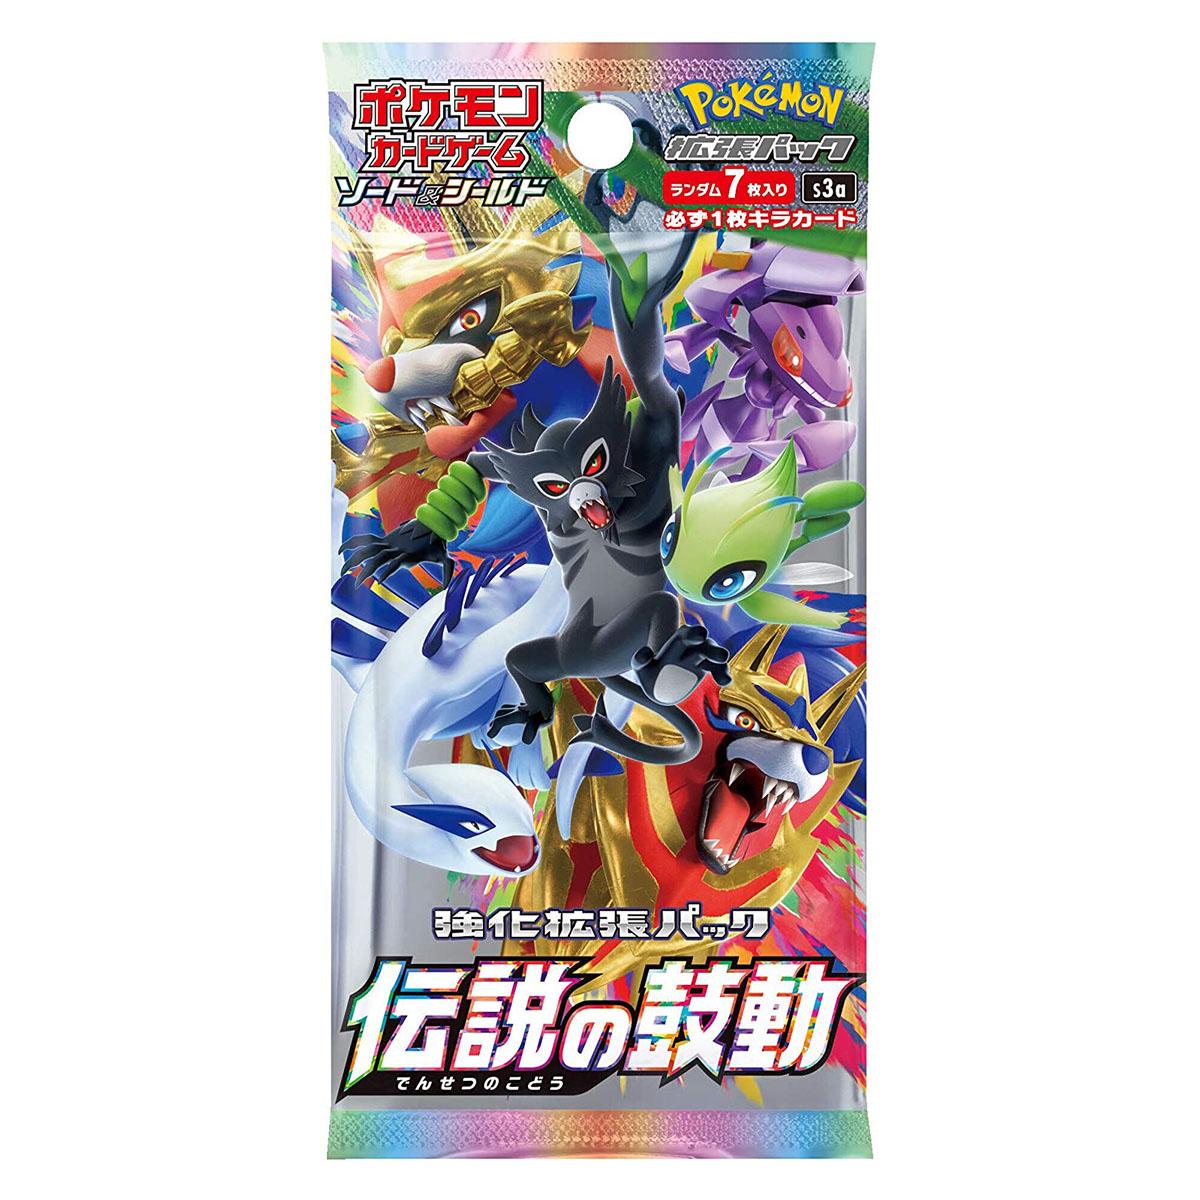 ポケモンカードゲーム ソード&シールド 強化拡張パック『伝説の鼓動』20パック入りBOX-002